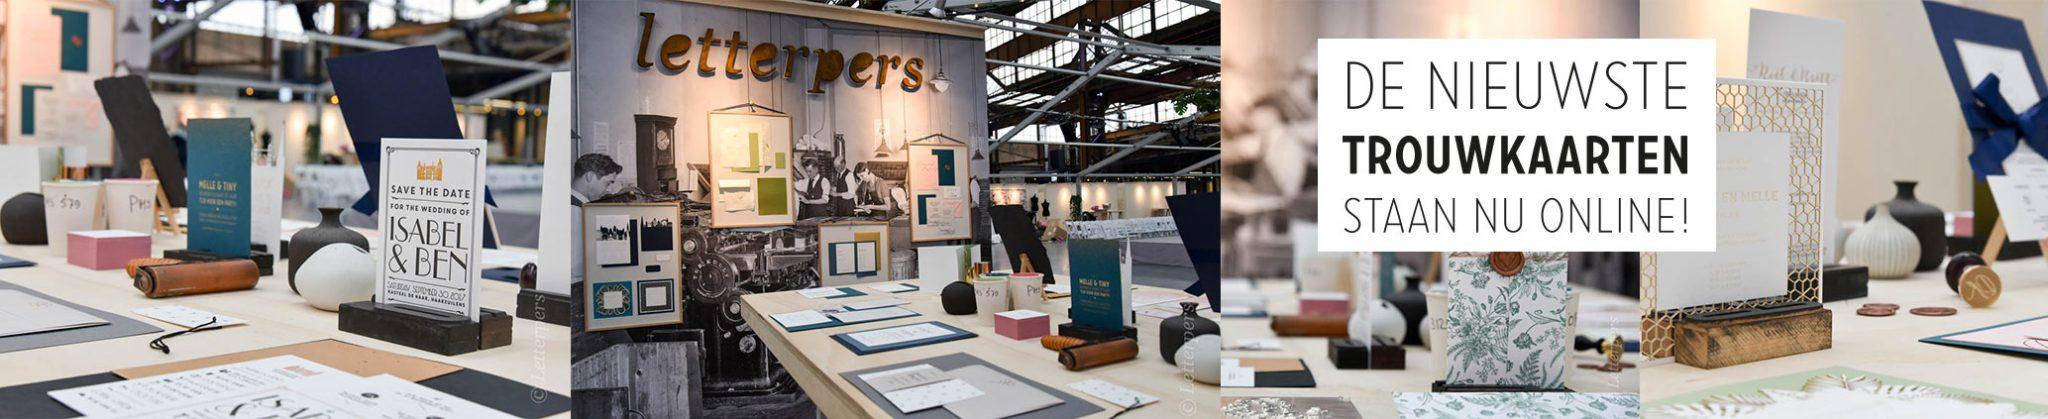 Letterpers stand op Love and Marriage beurs in de werkspoorkathedraal Utrecht